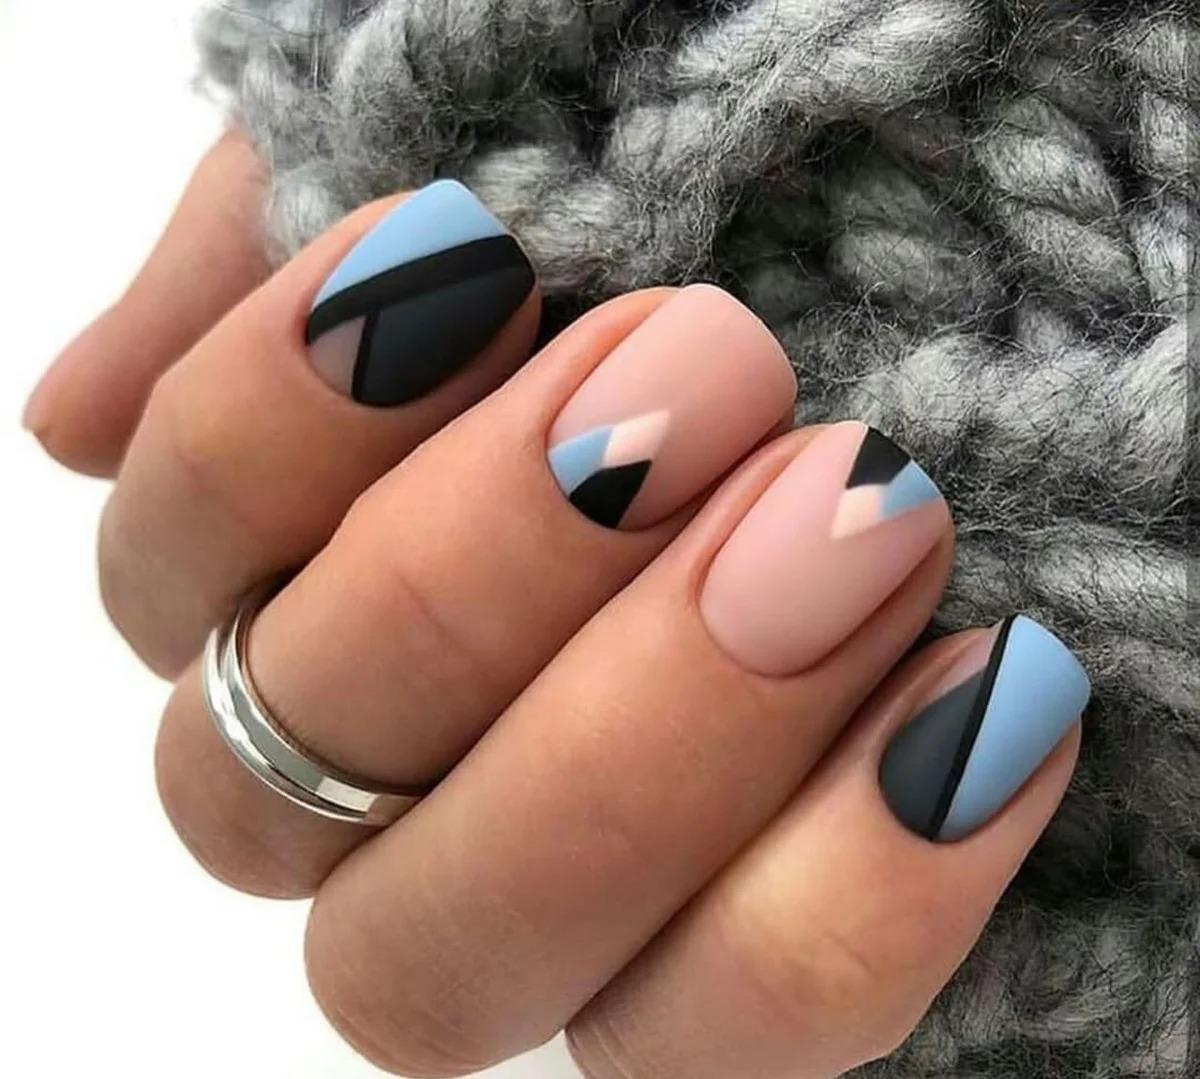 Модный минимализм: 15 стильных идей маникюра на осень